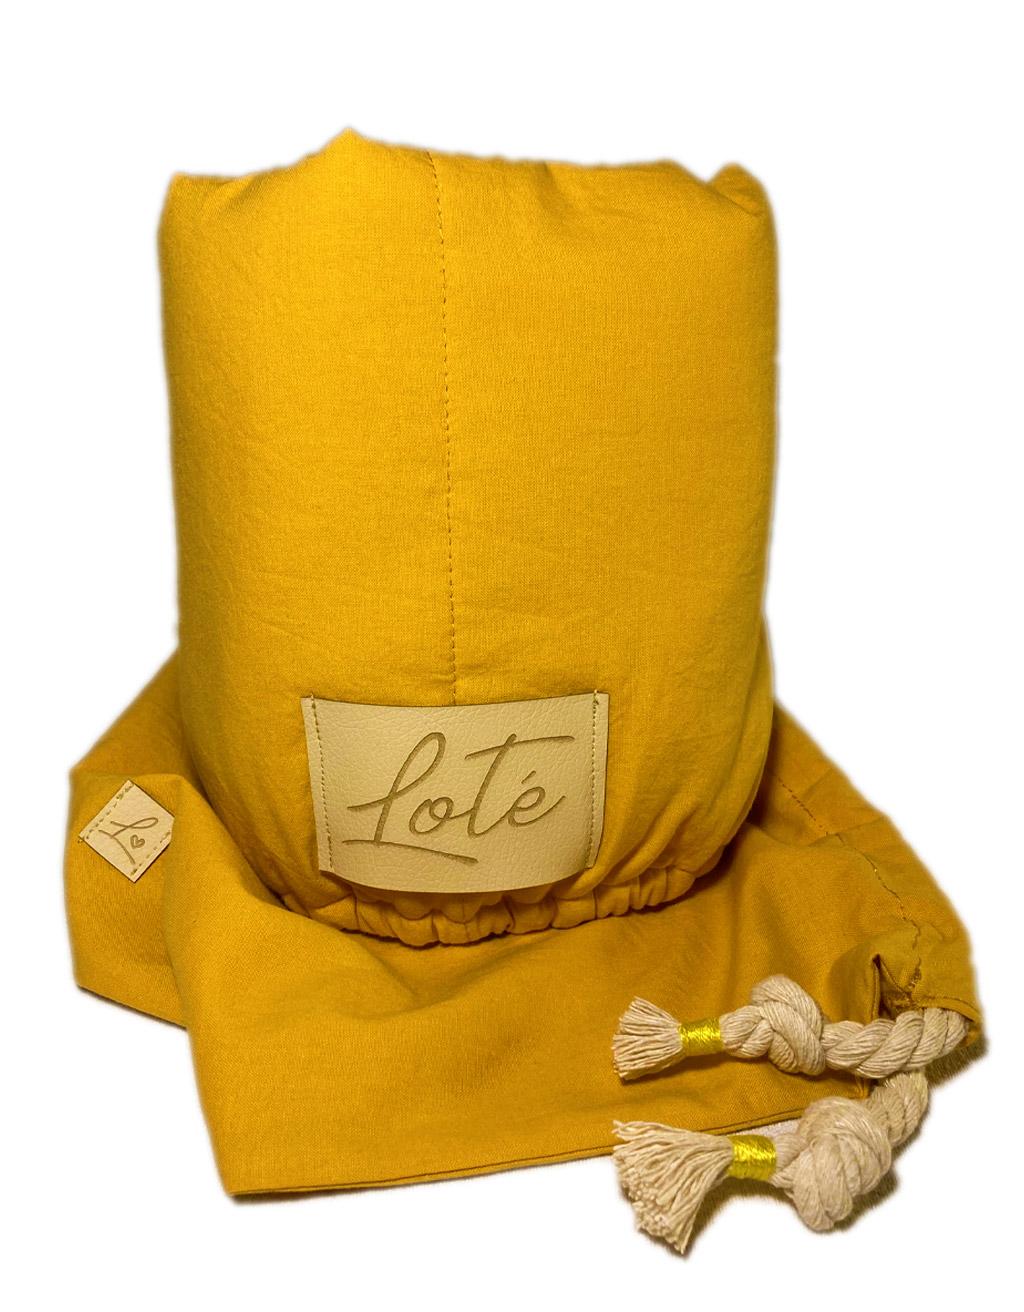 Loté - Bevásárlókocsi huzat - Gyerekbarát OEKO-TEX pamutból készül